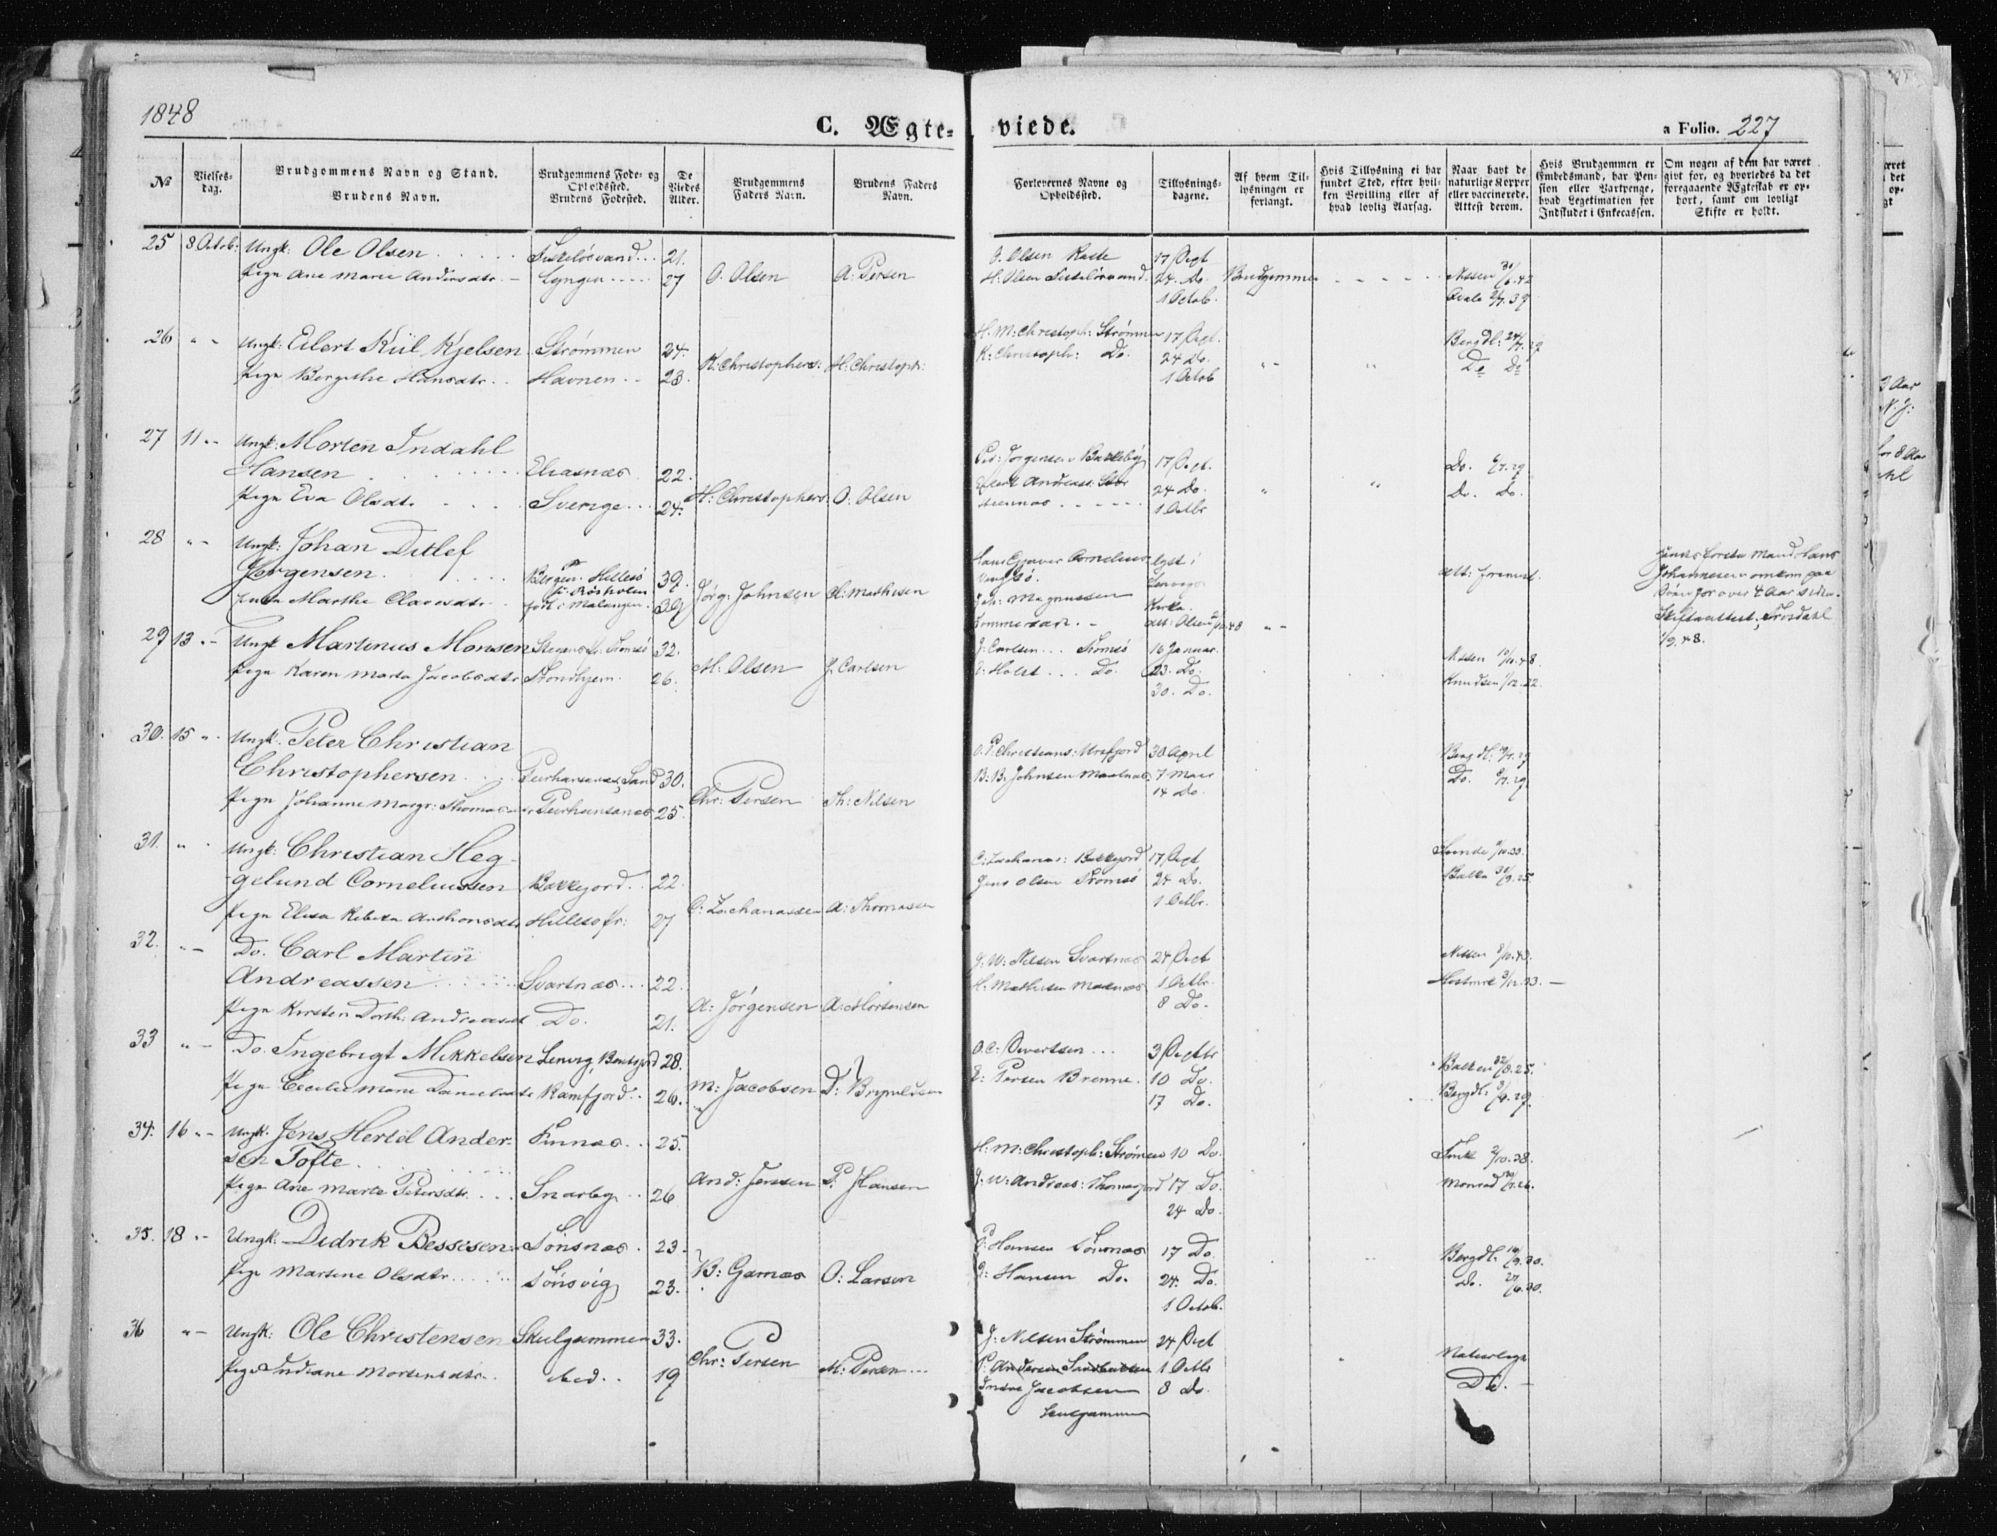 SATØ, Tromsø sokneprestkontor/stiftsprosti/domprosti, G/Ga/L0010kirke: Ministerialbok nr. 10, 1848-1855, s. 227